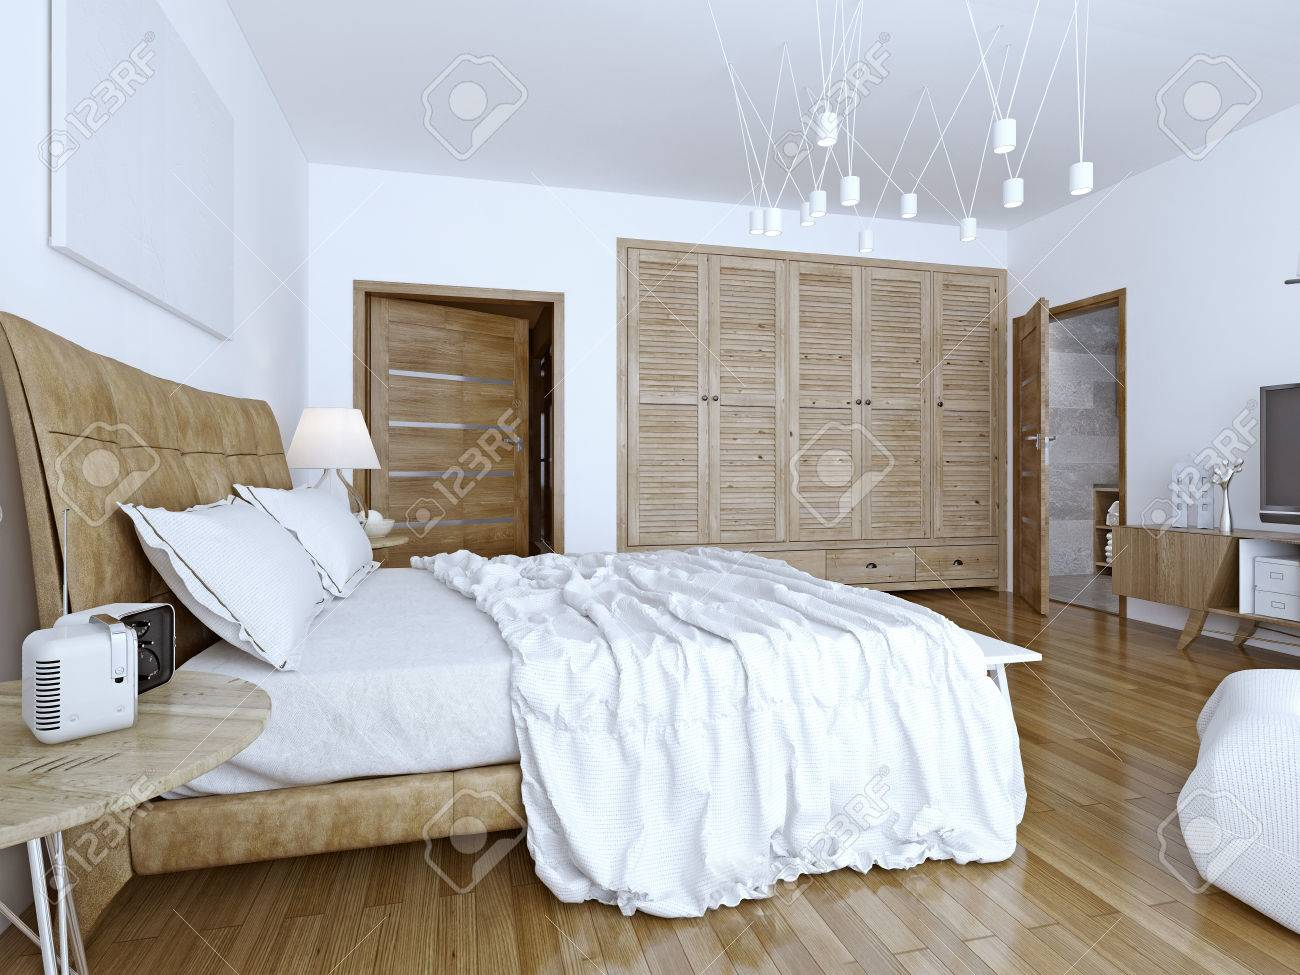 Großartig Bett Minimalistisch Dekoration Von Standard-bild - Ungemachtes Im Minimalistischen Schlafzimmer. 3d